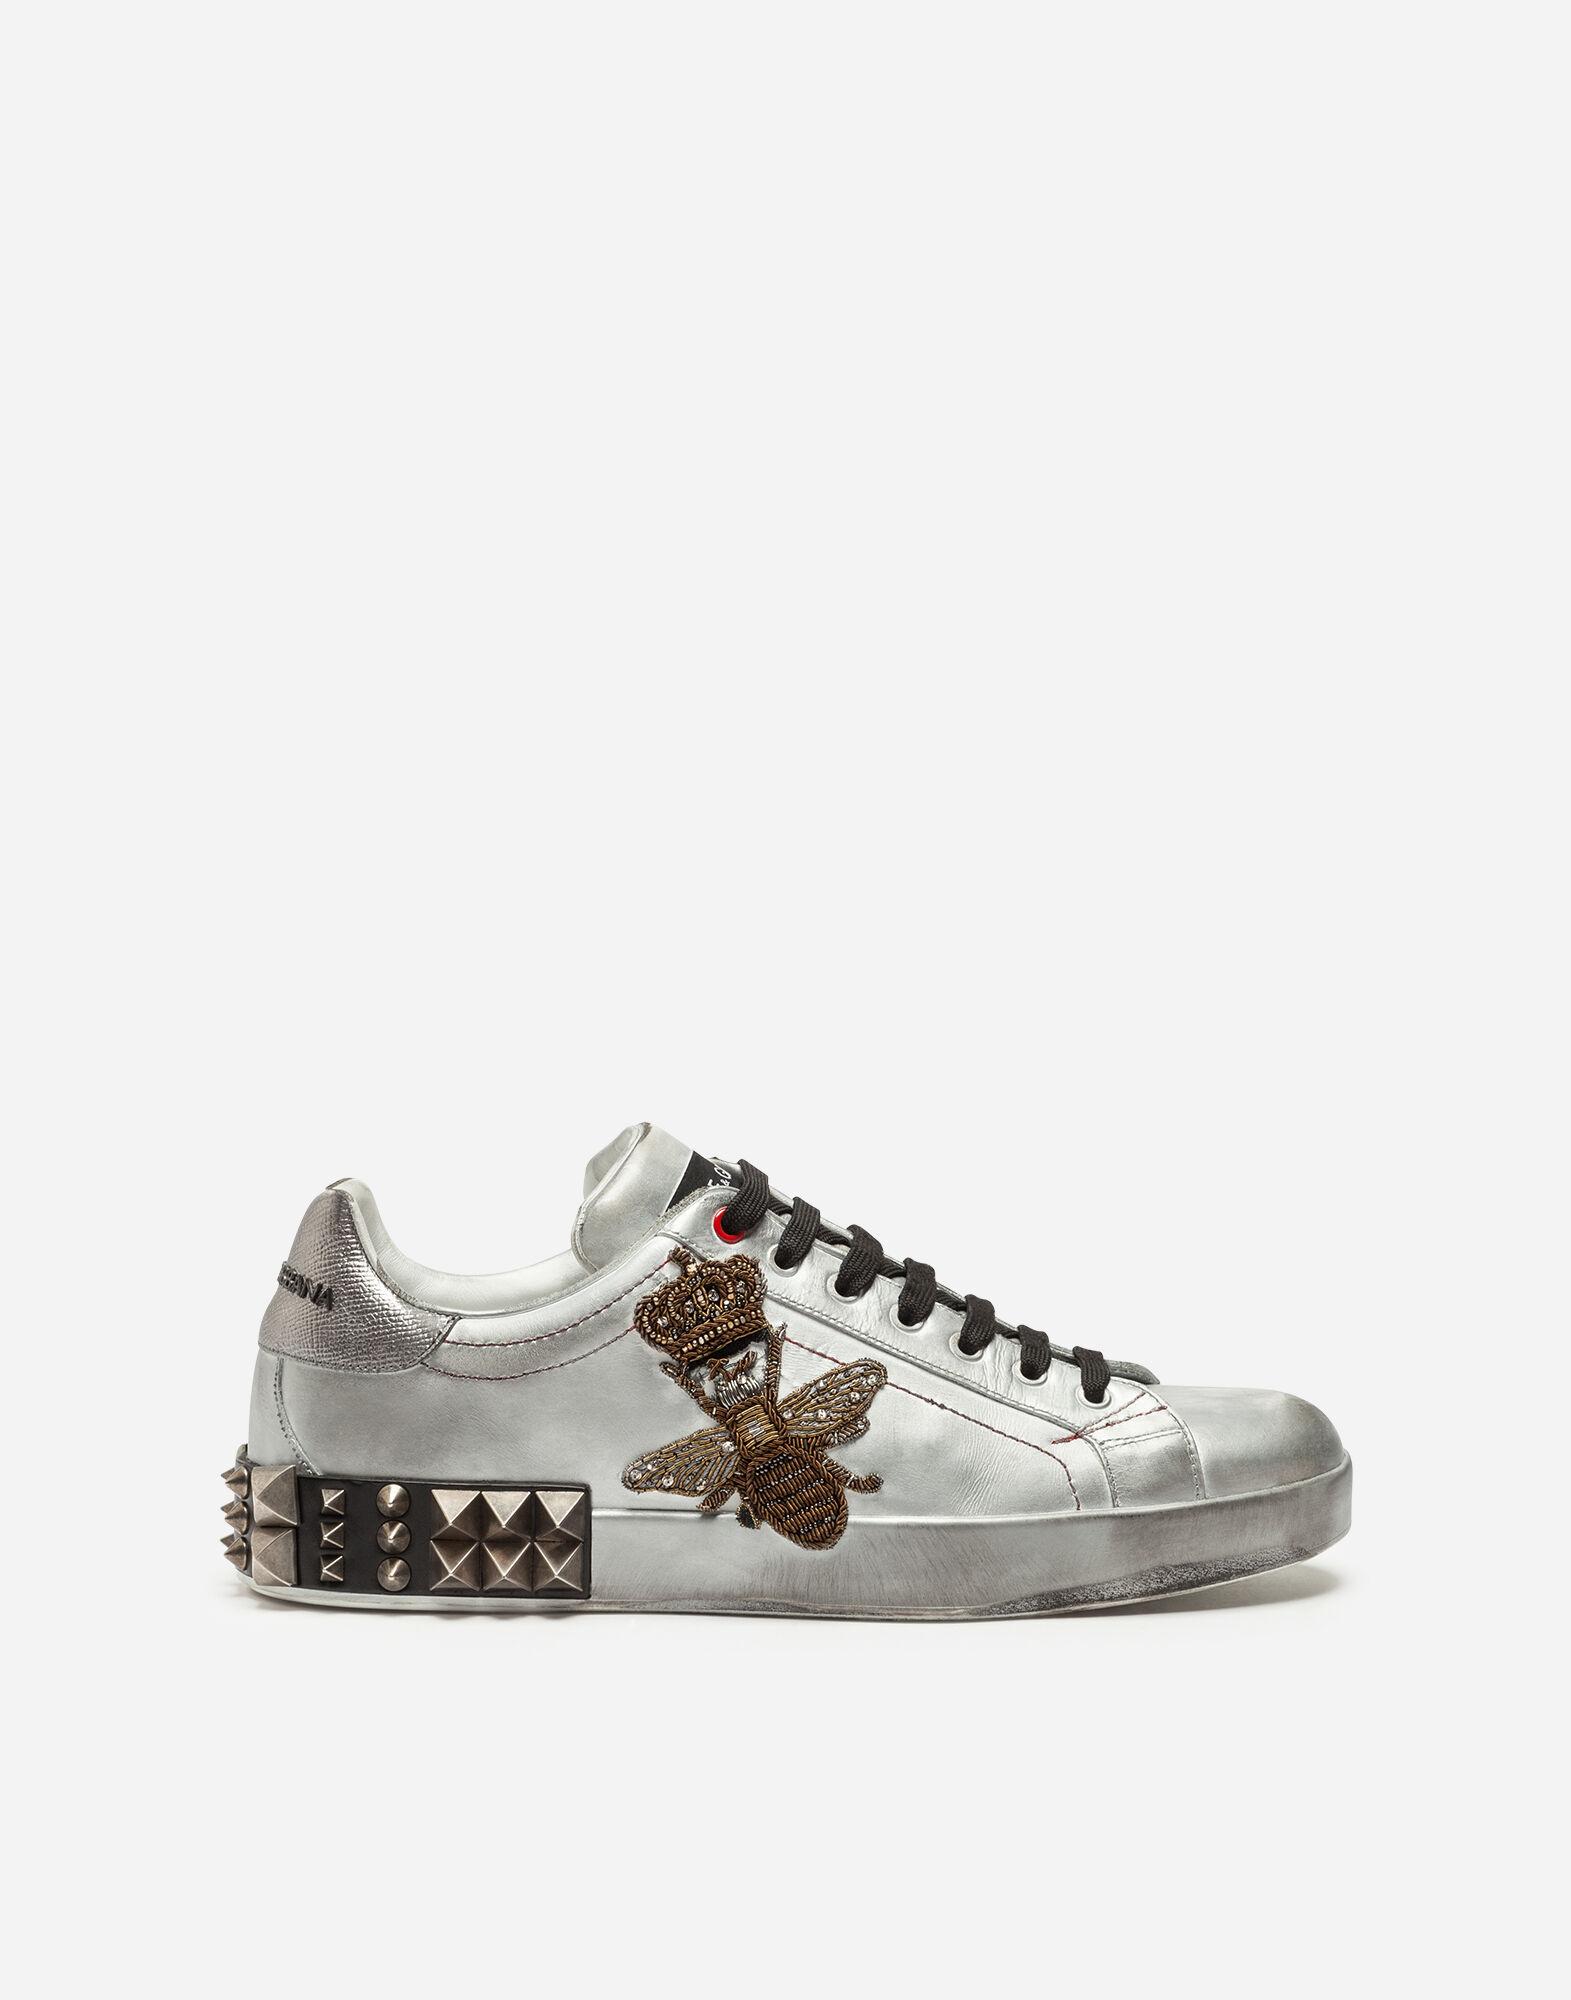 Chaussures De Sport Pour Les Hommes À La Vente, Le Léopard, La Toile, 2017, 40 41 Dolce & Gabbana